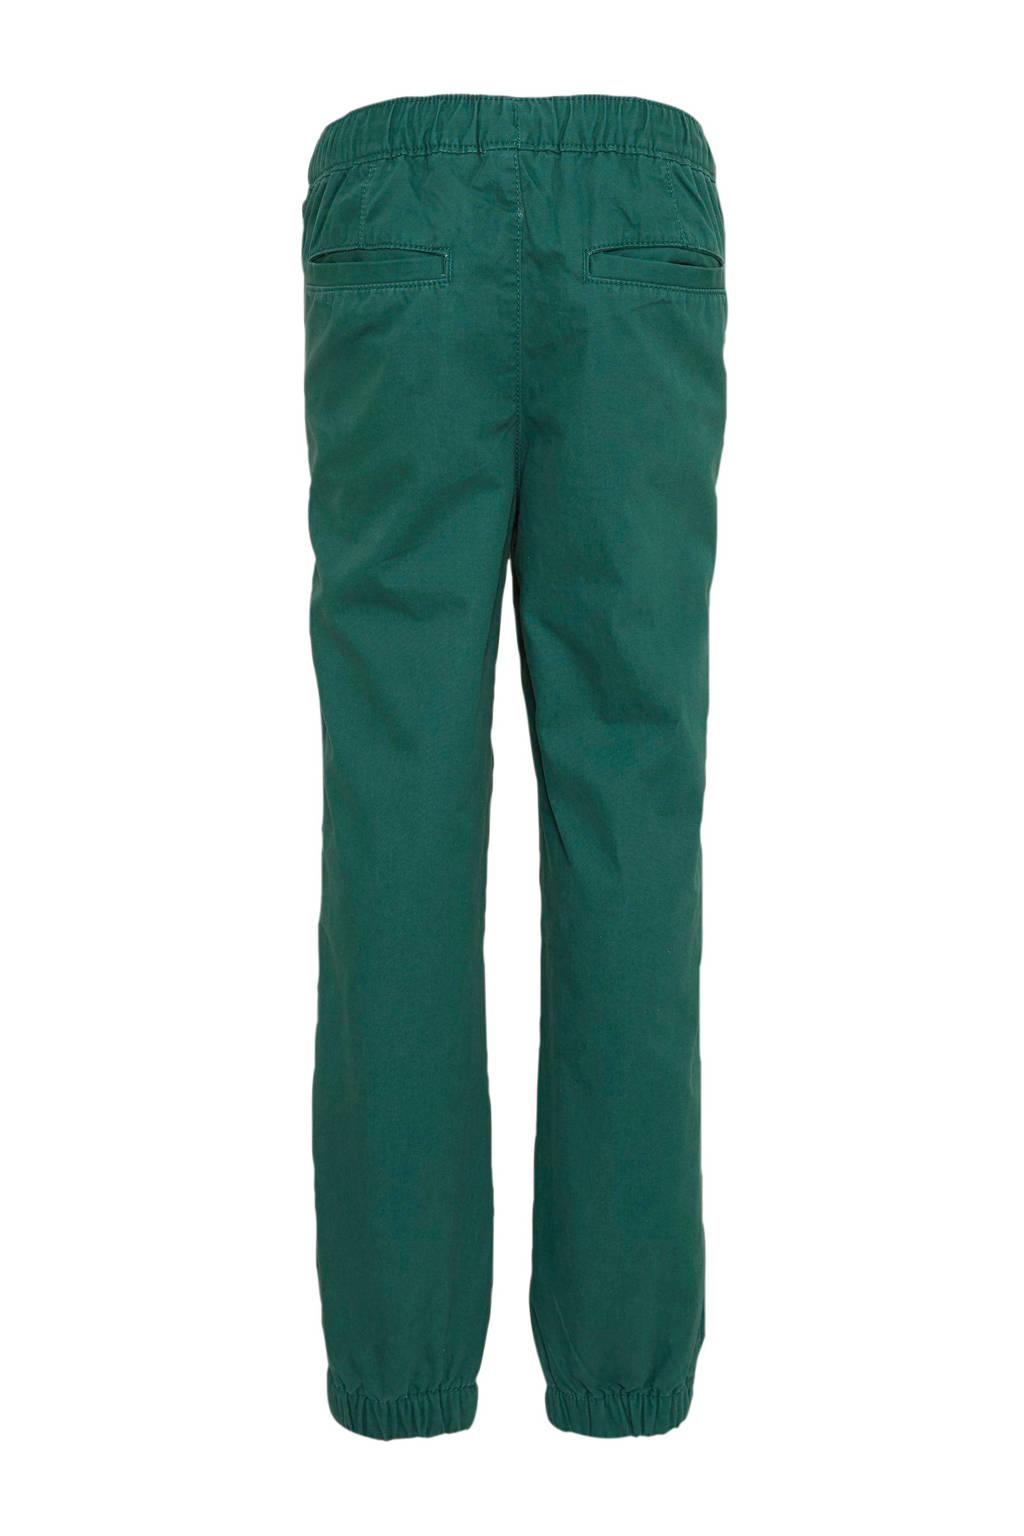 GAP regular fit broek donkergroen/grijs, Donkergroen/grijs